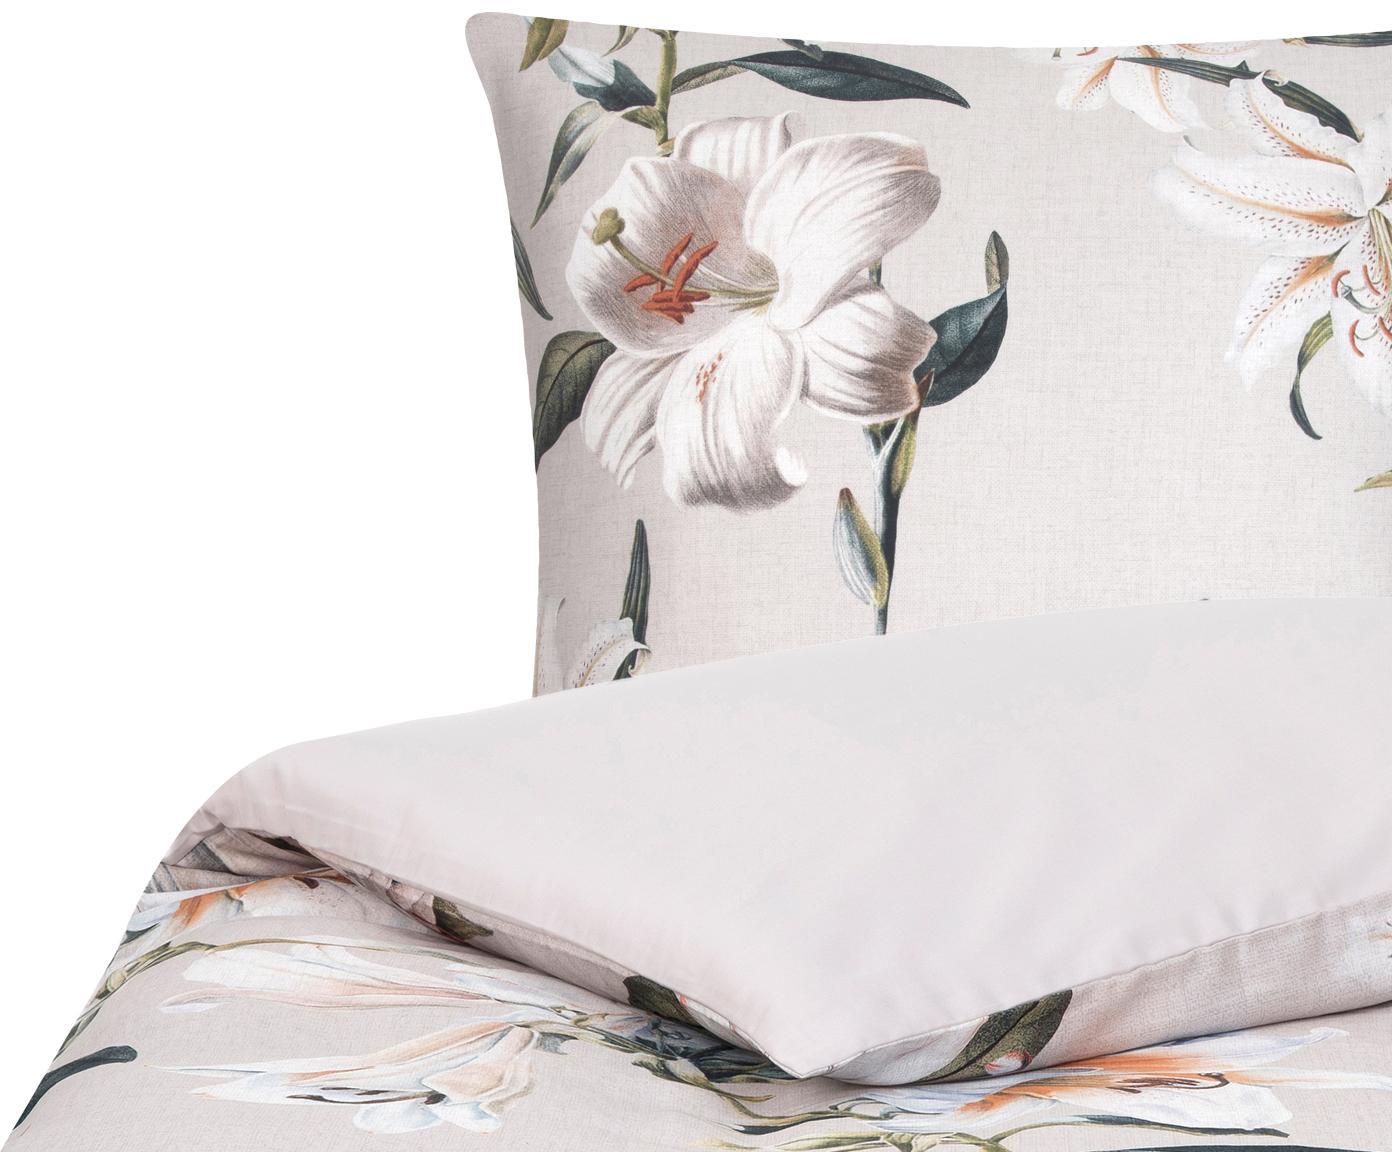 Pościel z satyny bawełnianej Flori, Przód: beżowy, kremowobiały Tył: beżowy, 135 x 200 cm